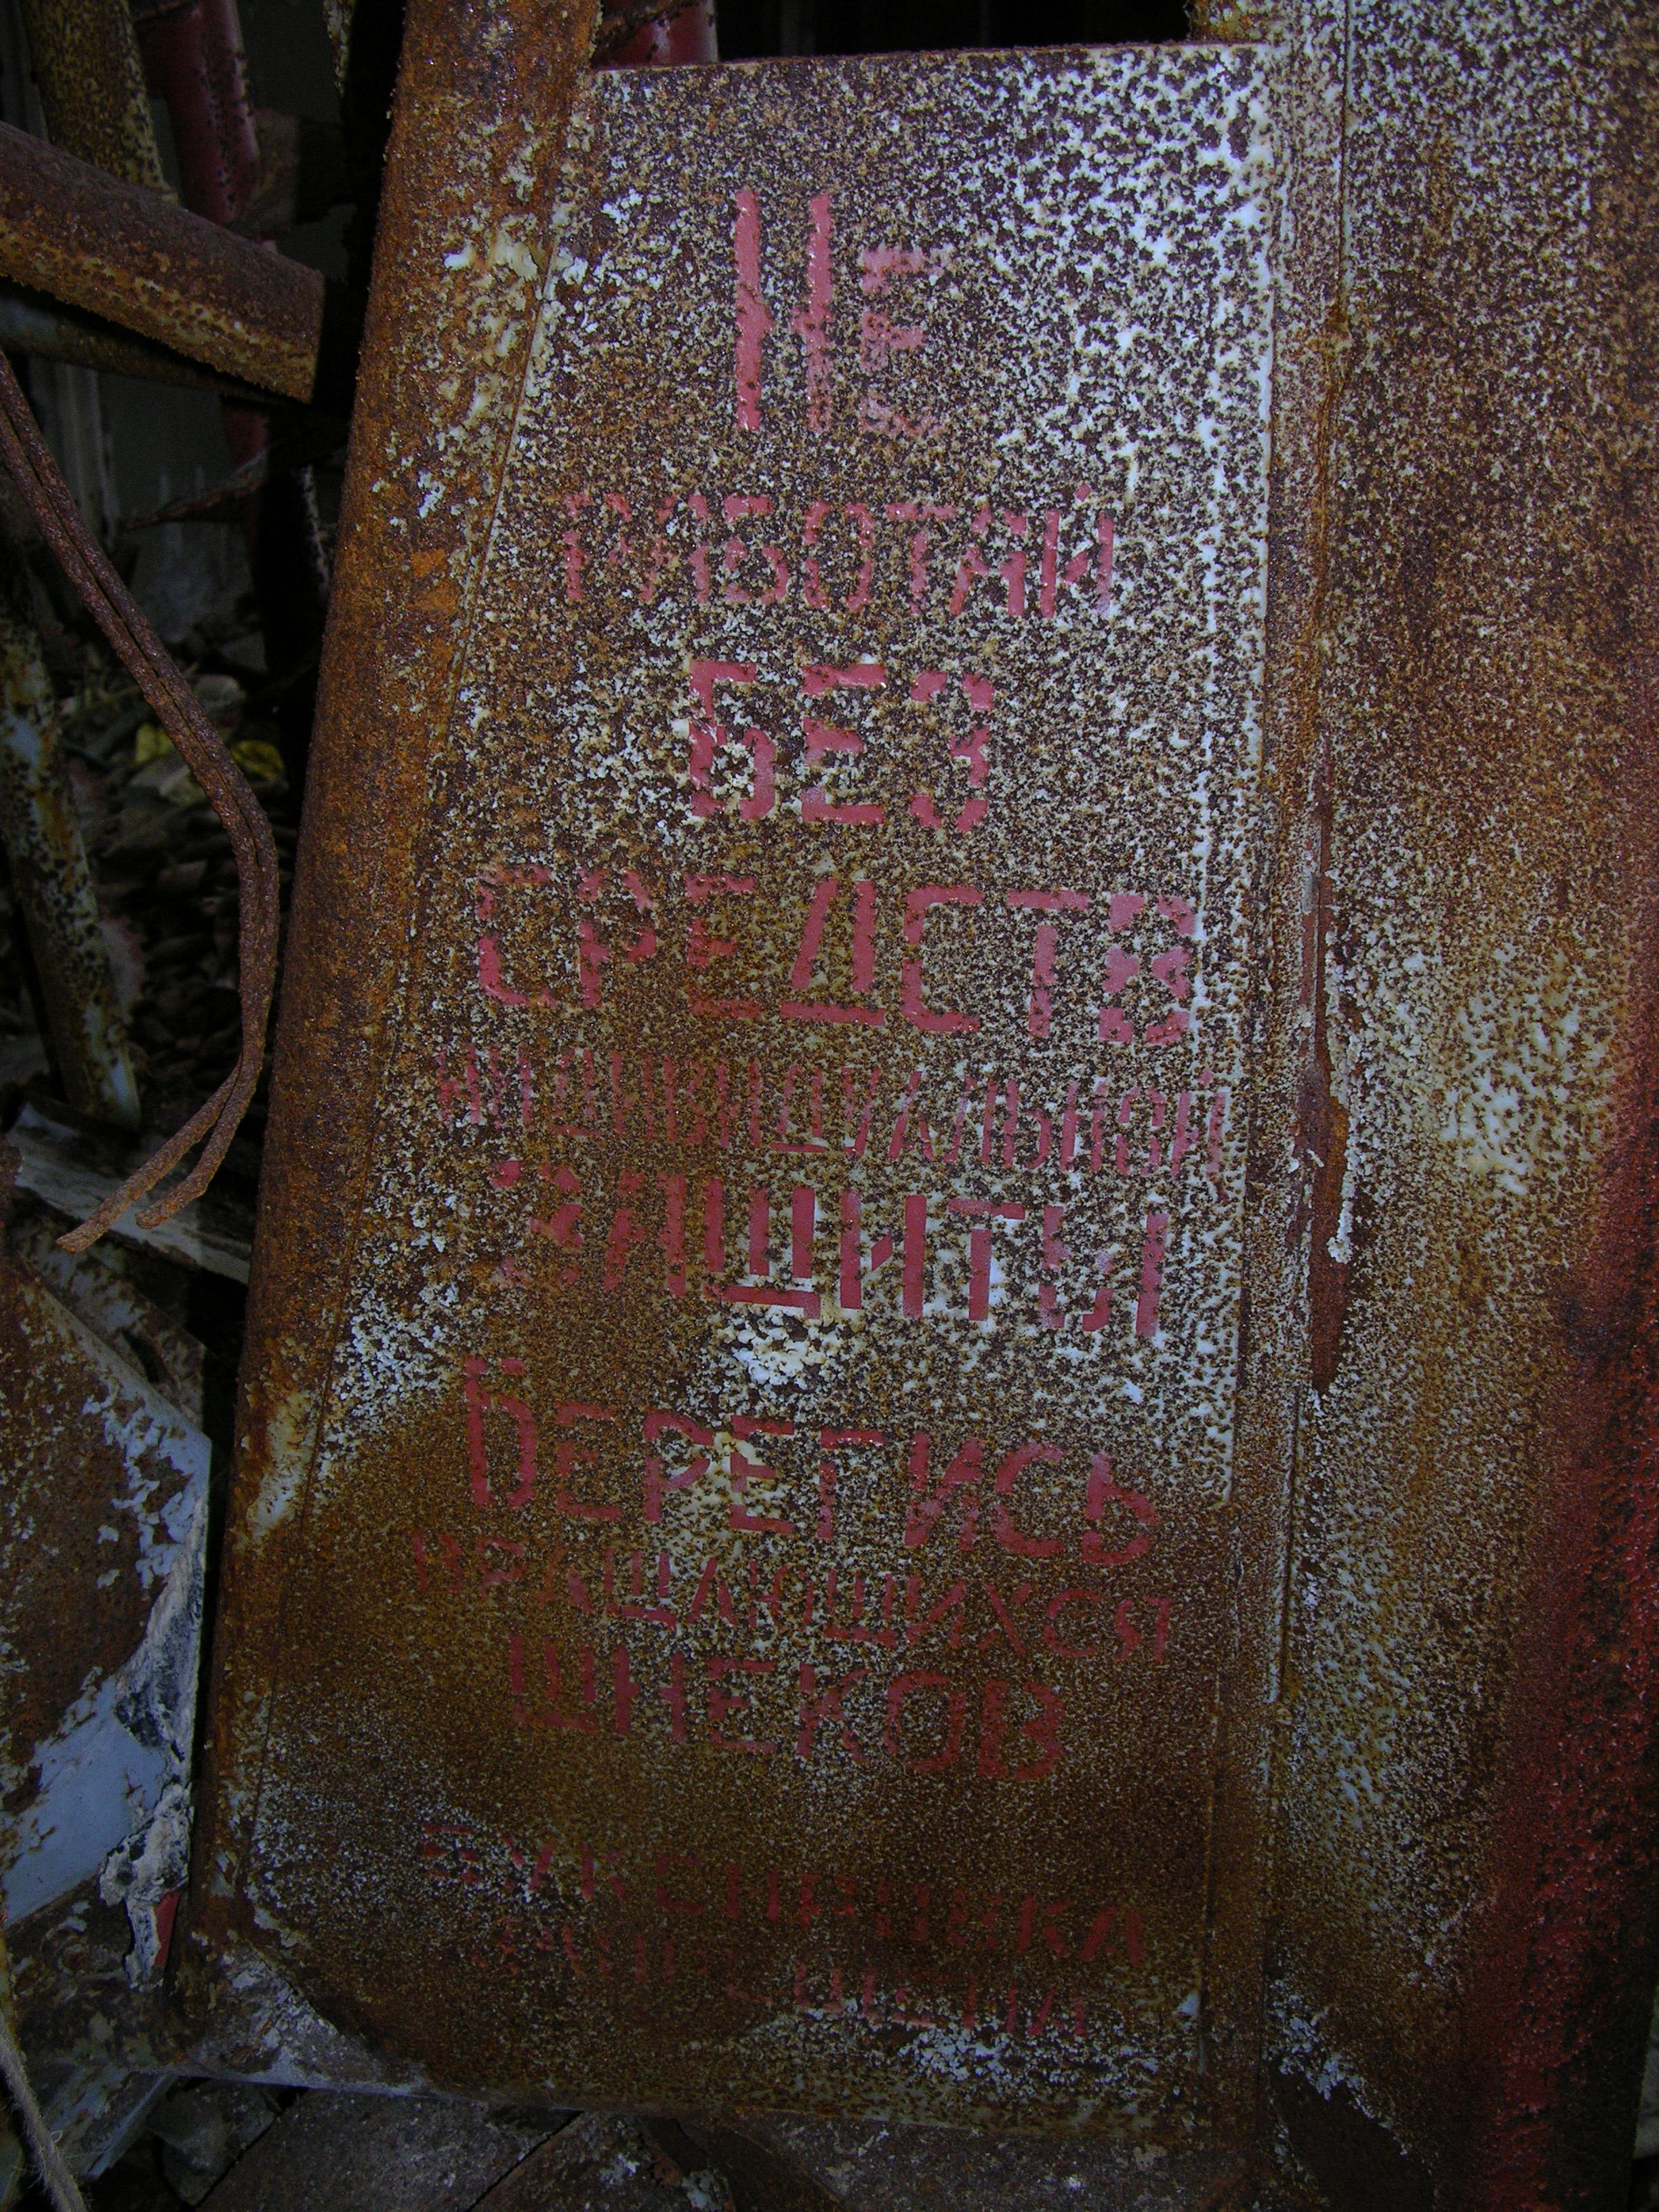 DSCN4984